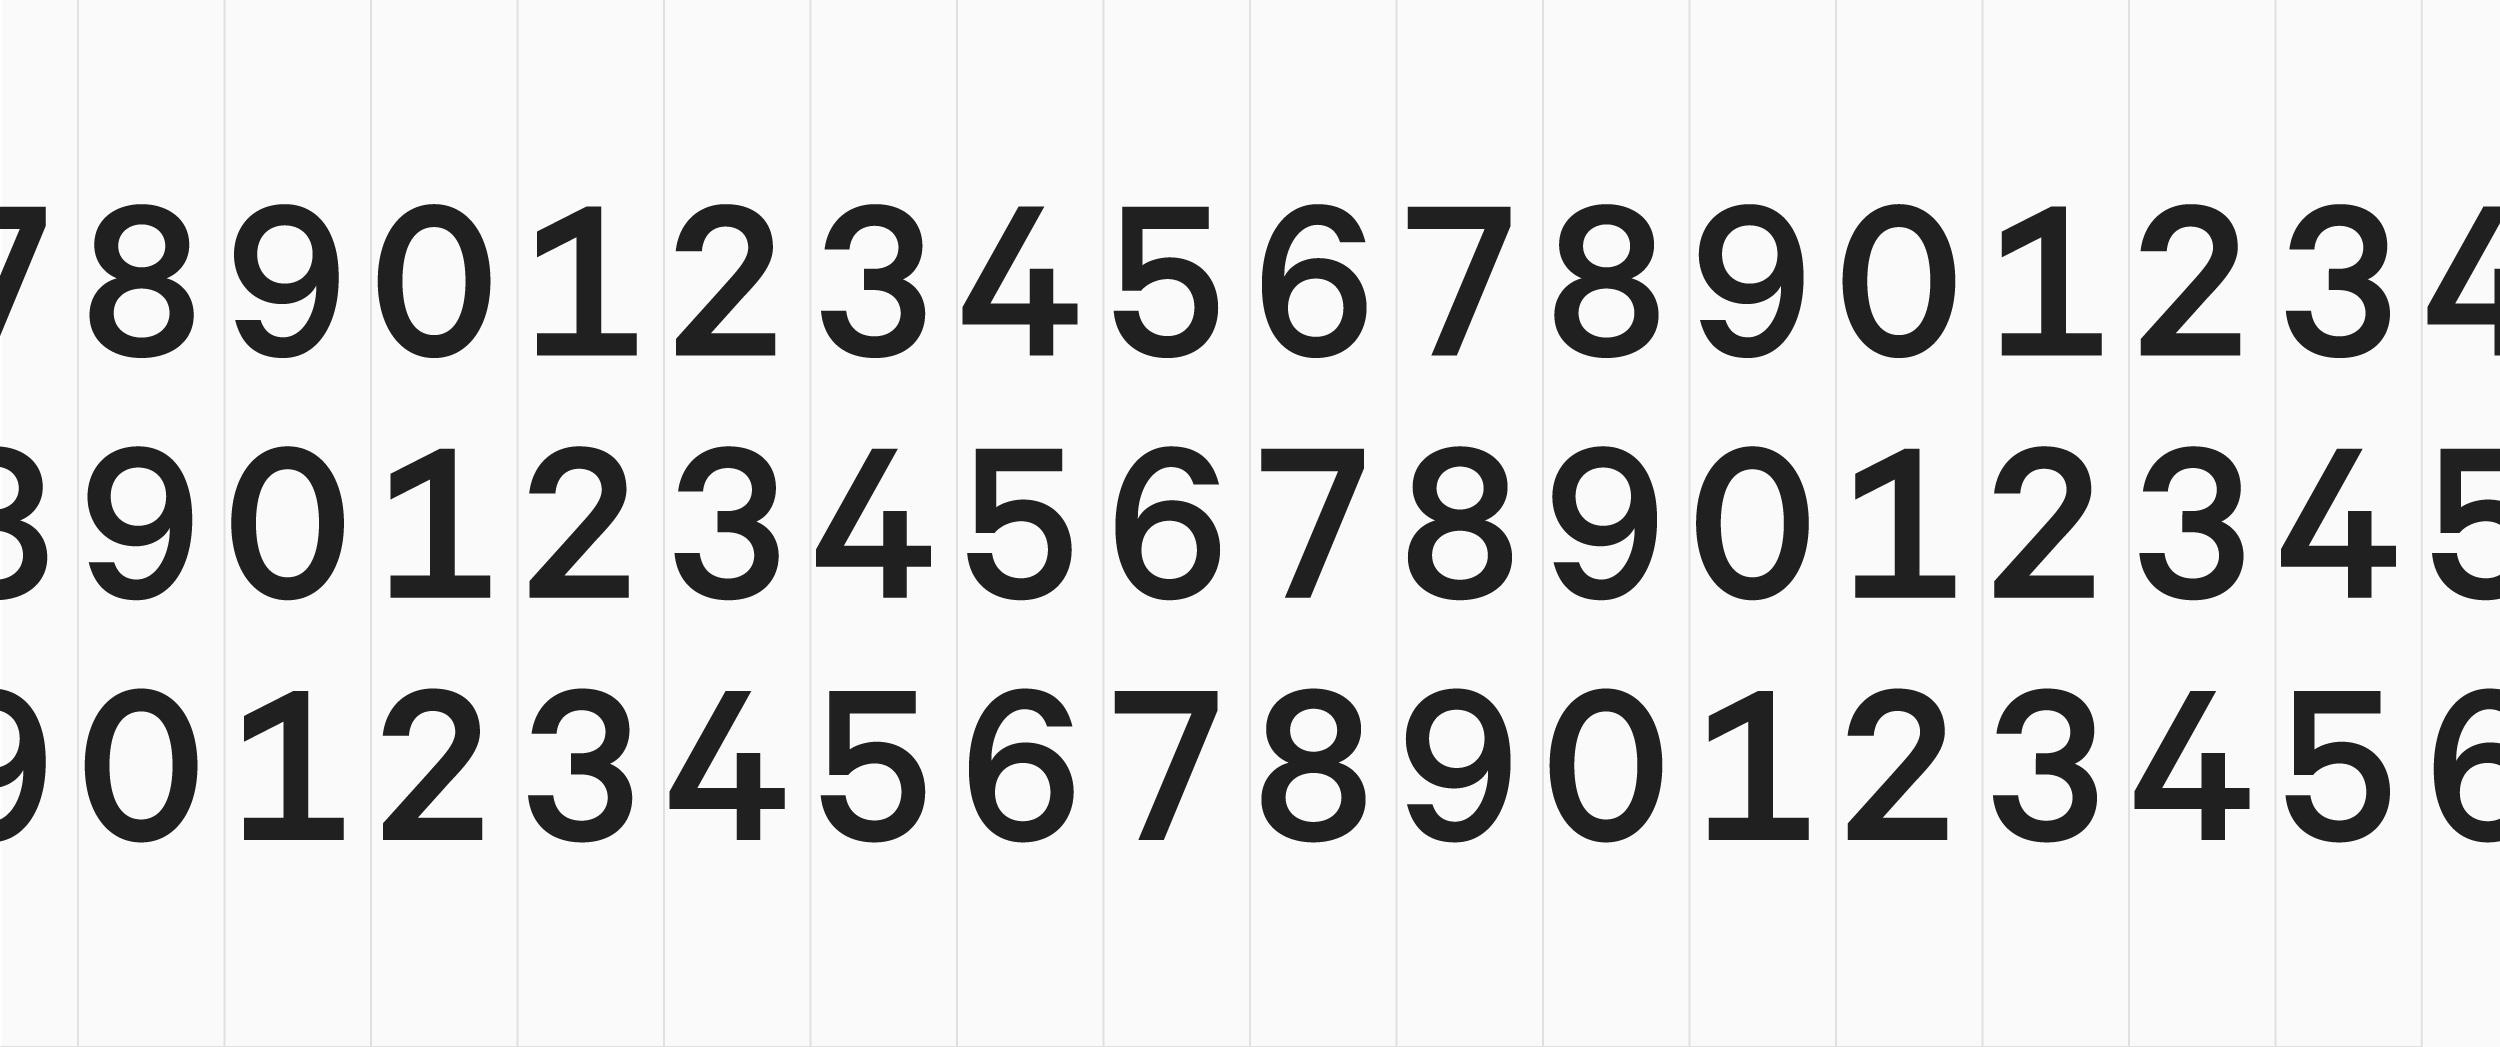 Monospaced-Numbers.jpg